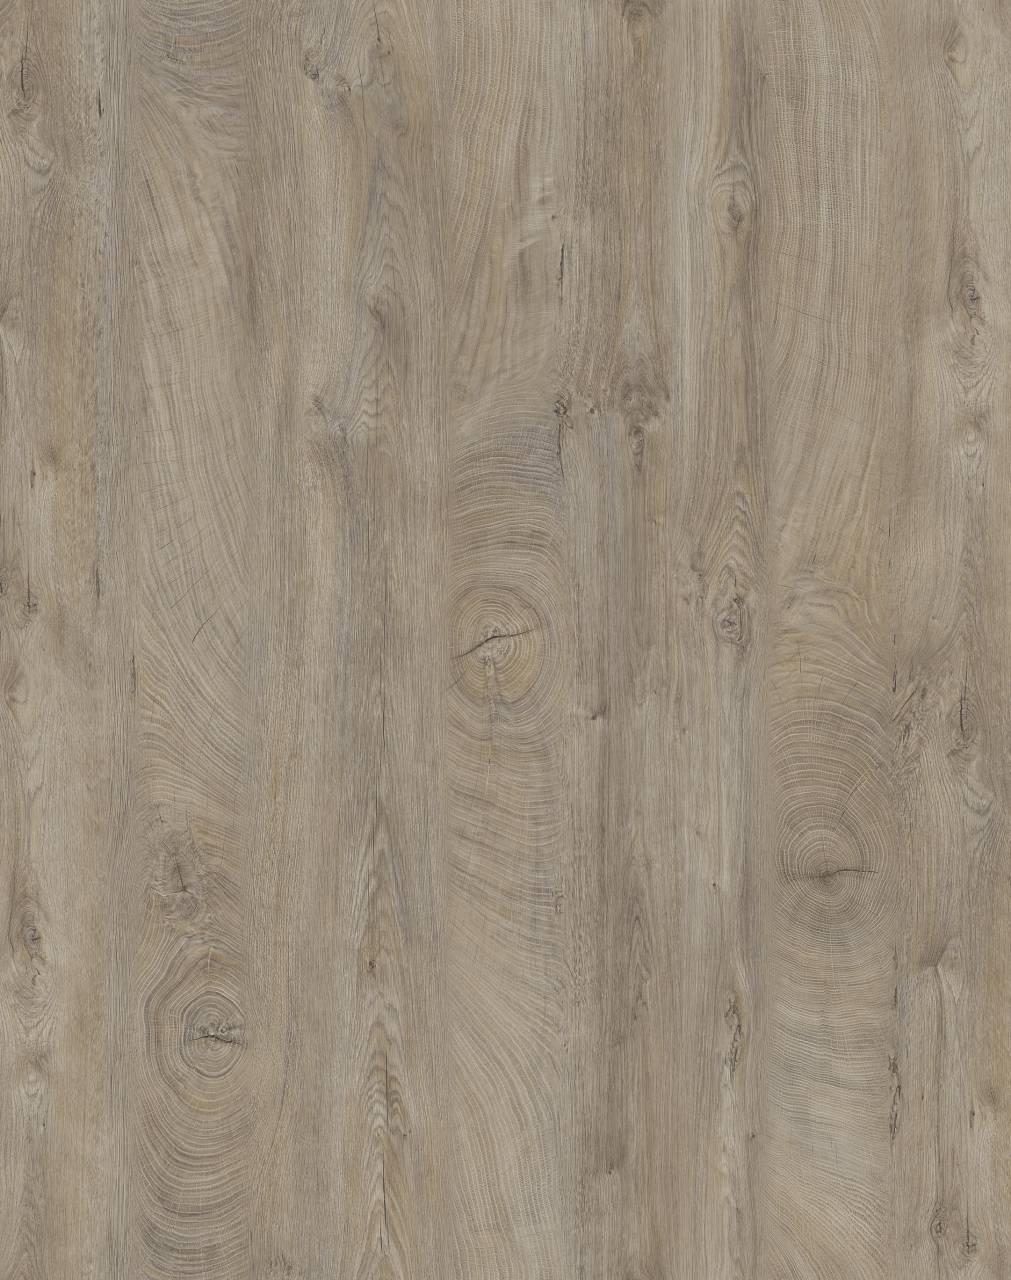 K105 Raw Endgrain Oak (мостра ЛПДЧ)